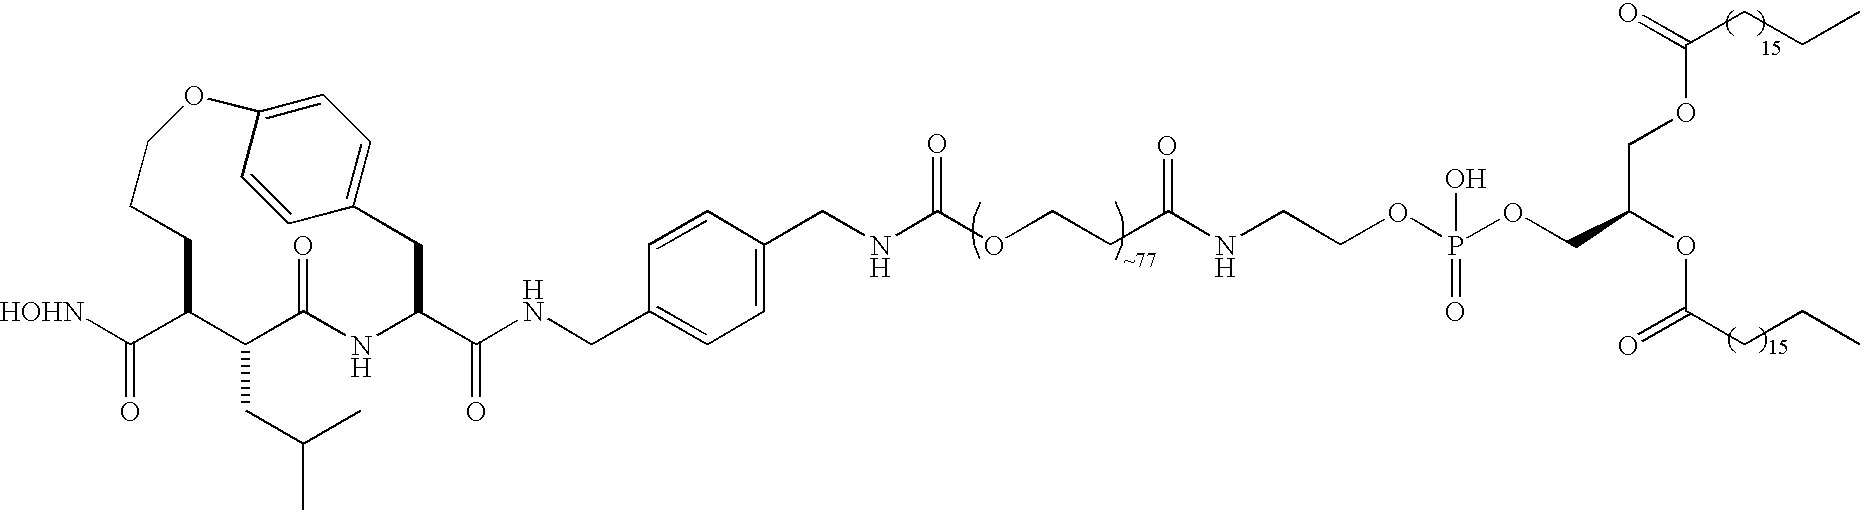 Figure US20030044354A1-20030306-C00005